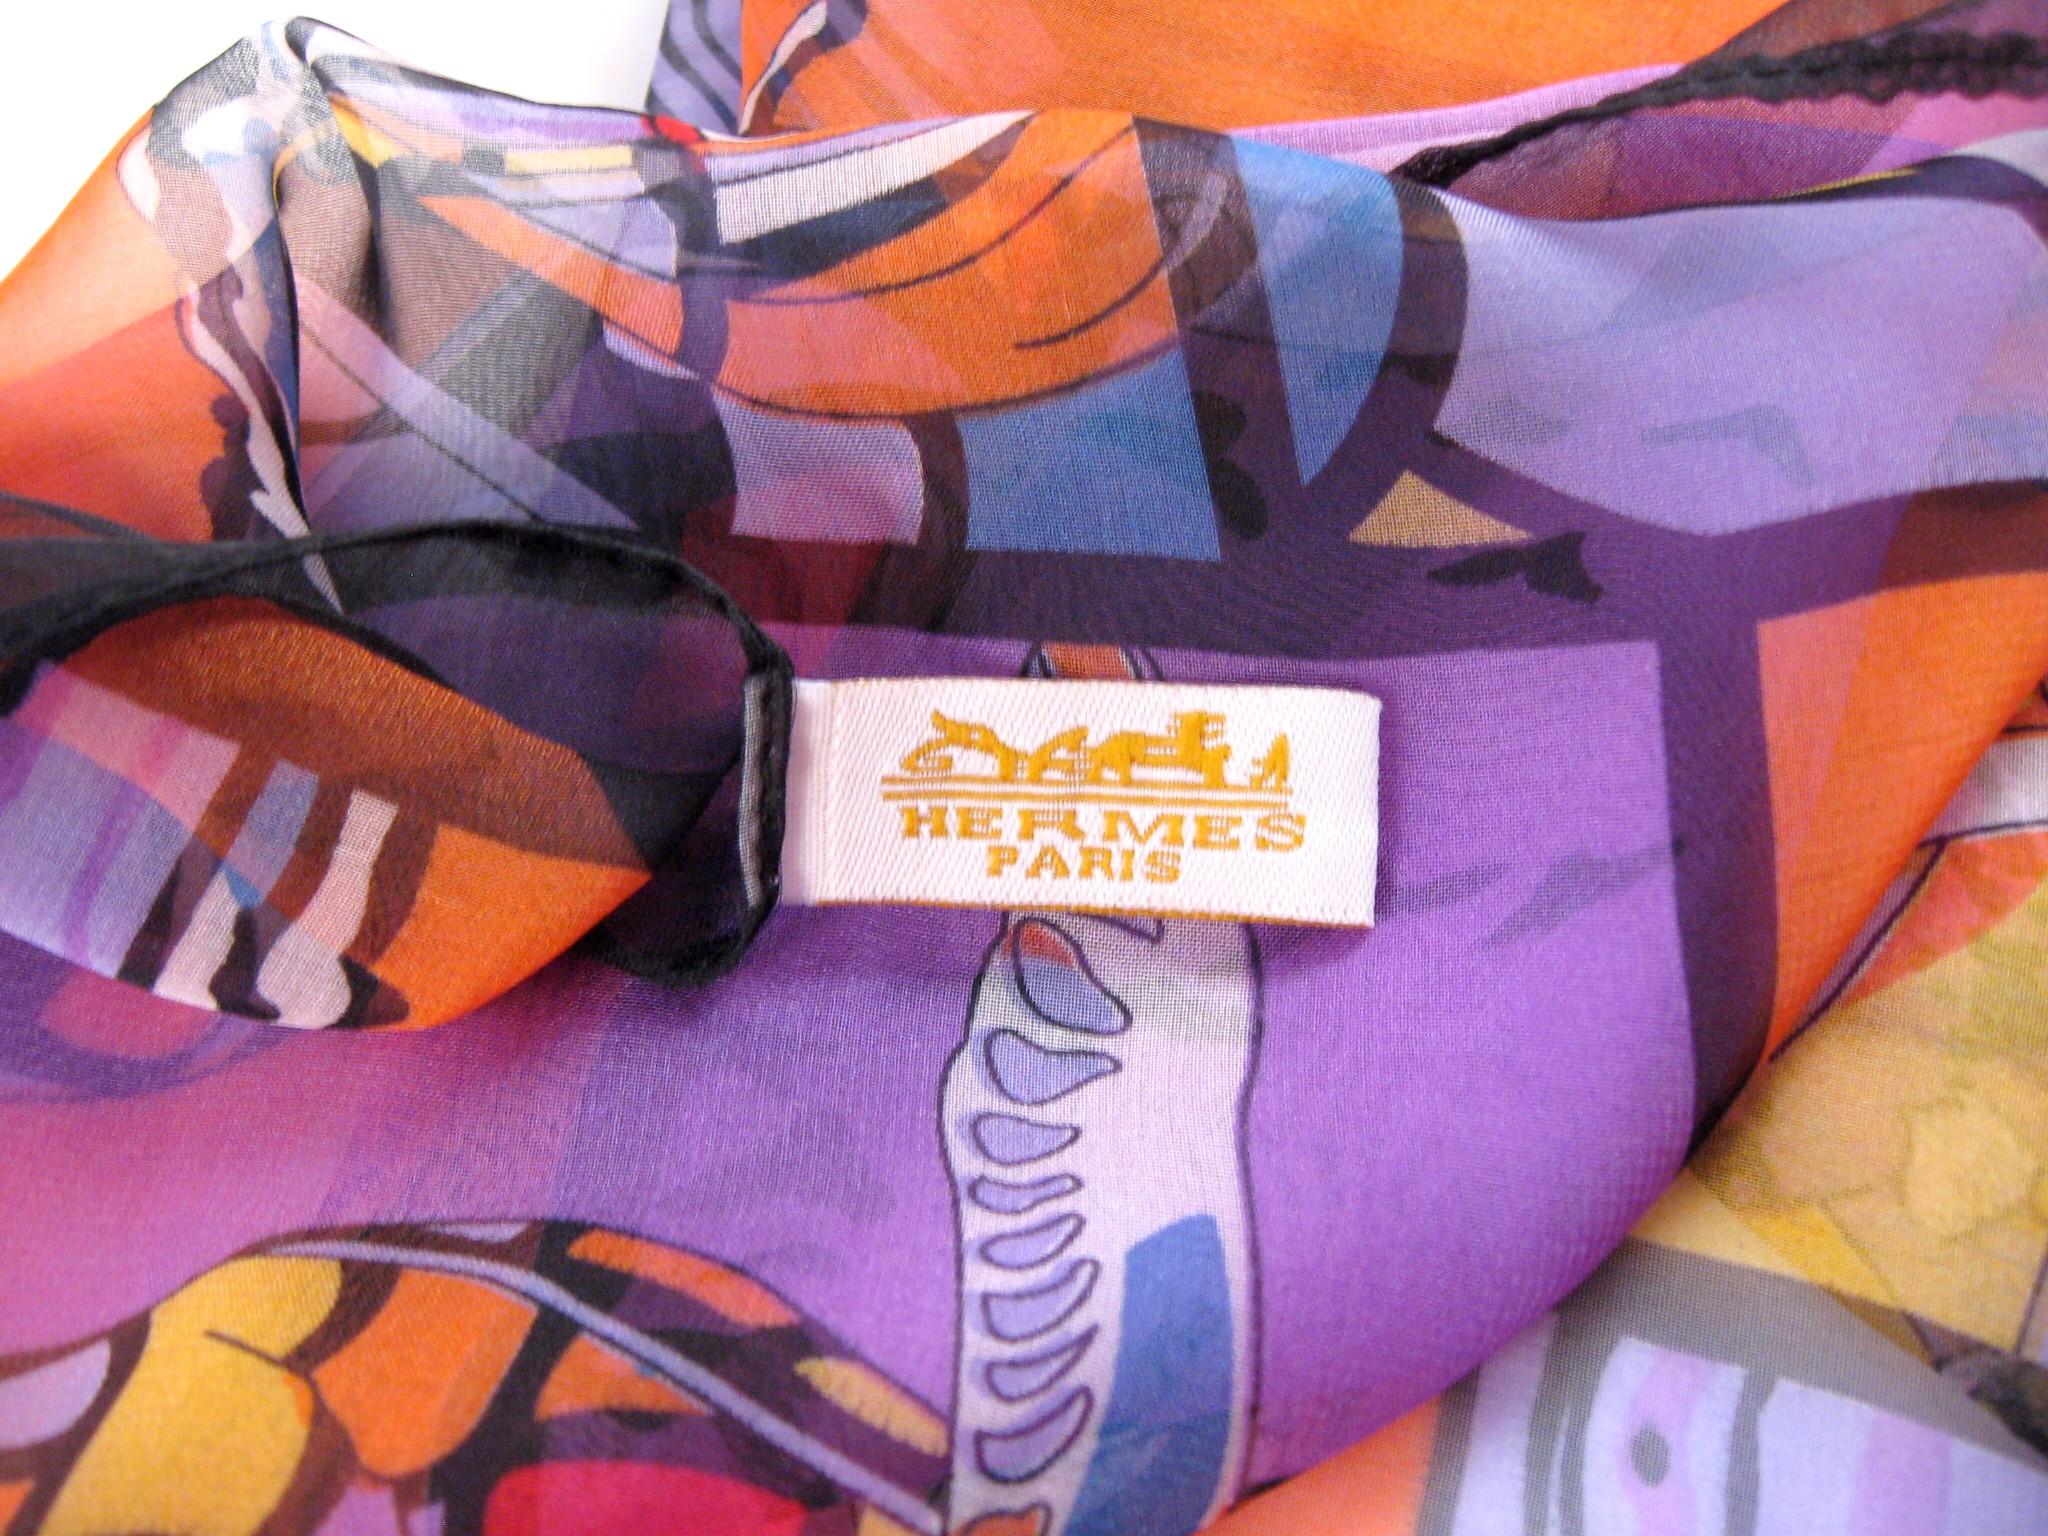 birkin bag inspired - 154261i7DB0F3F868CAE8D6?v=mpbl-1